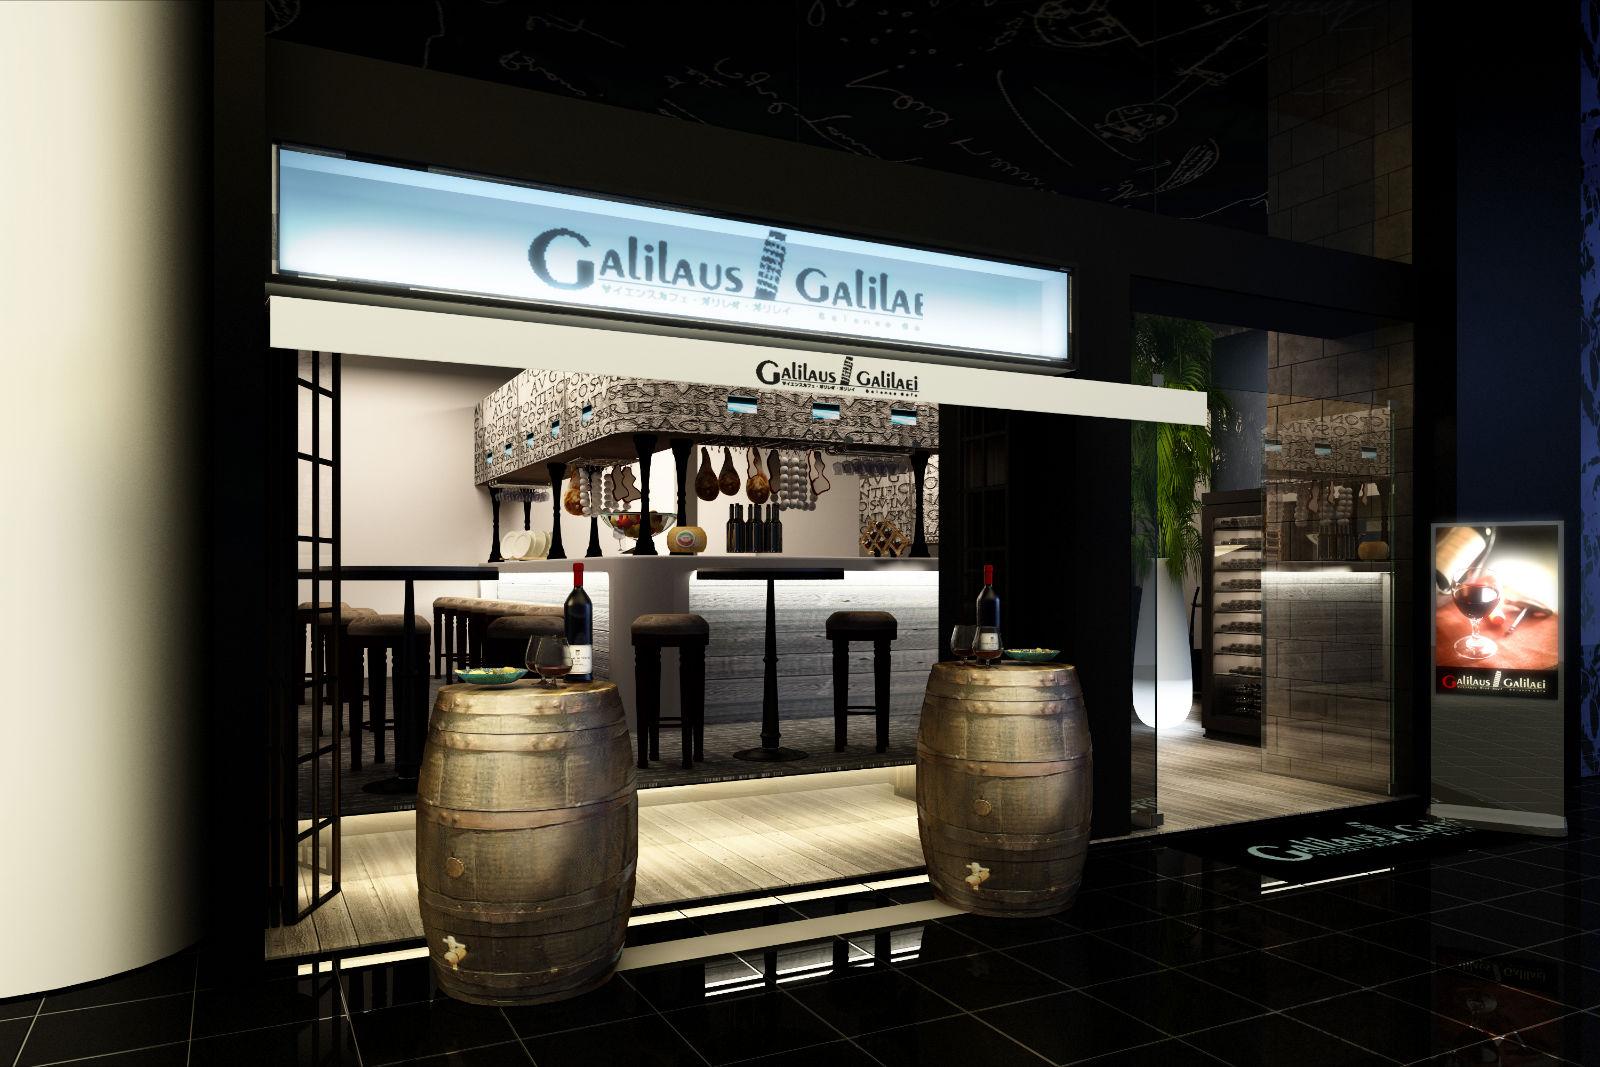 ร้านอาหาร GALILEUS